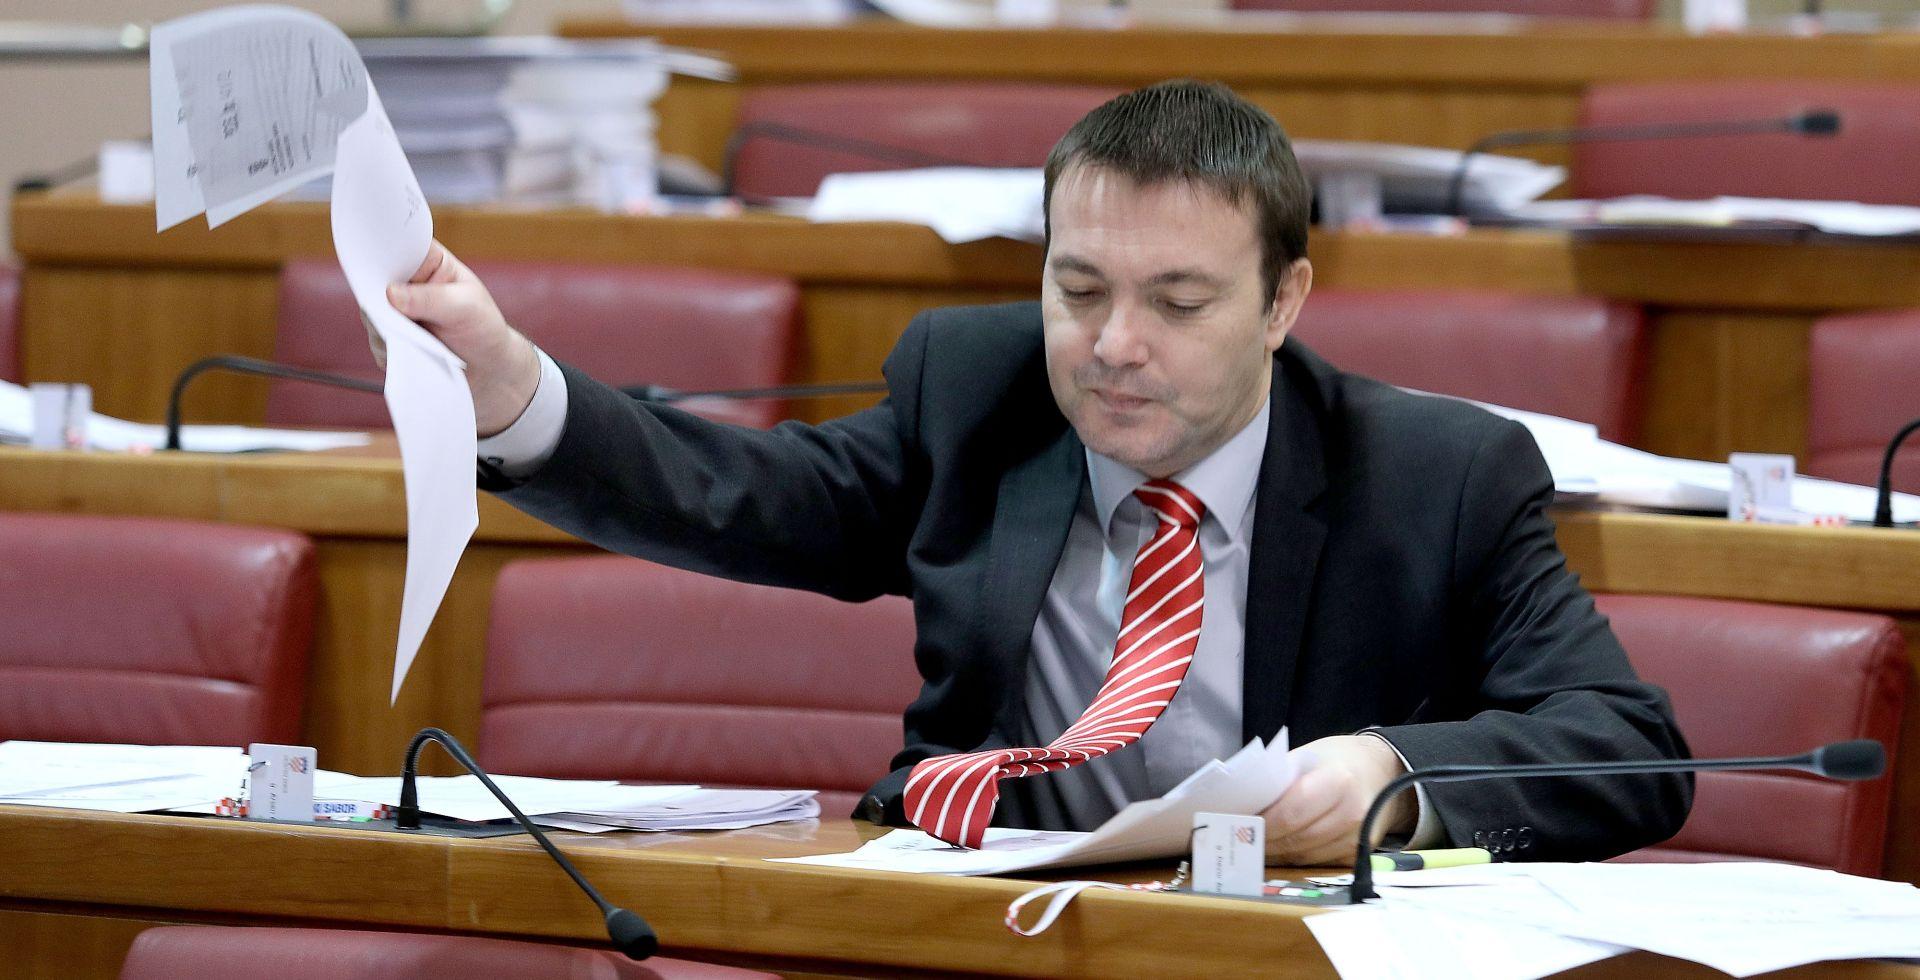 Bauk u svom uredu objesio fotografiju Tuđmana u partizanskoj uniformi